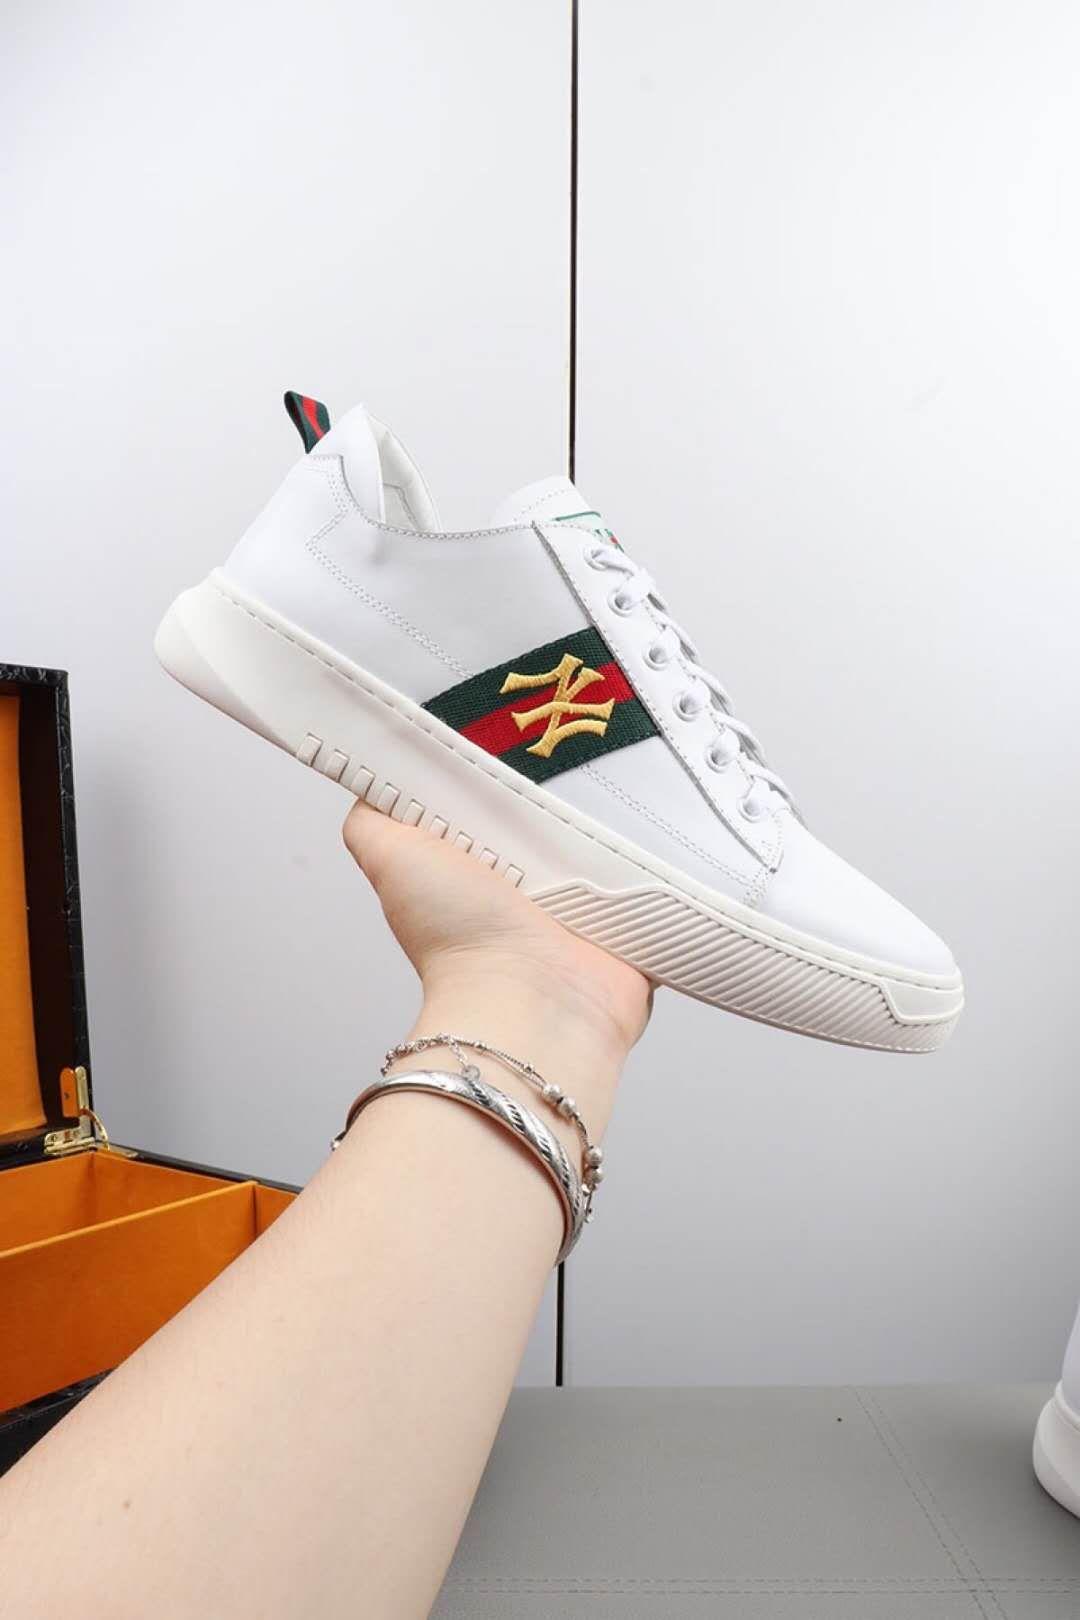 2020 novos sapatos de marca ACE Sneakers Sapatos de luxo bordados White tiger Bee marca sapatos genuínos Slipper Couro Masculino Sapatos Casuais HY170